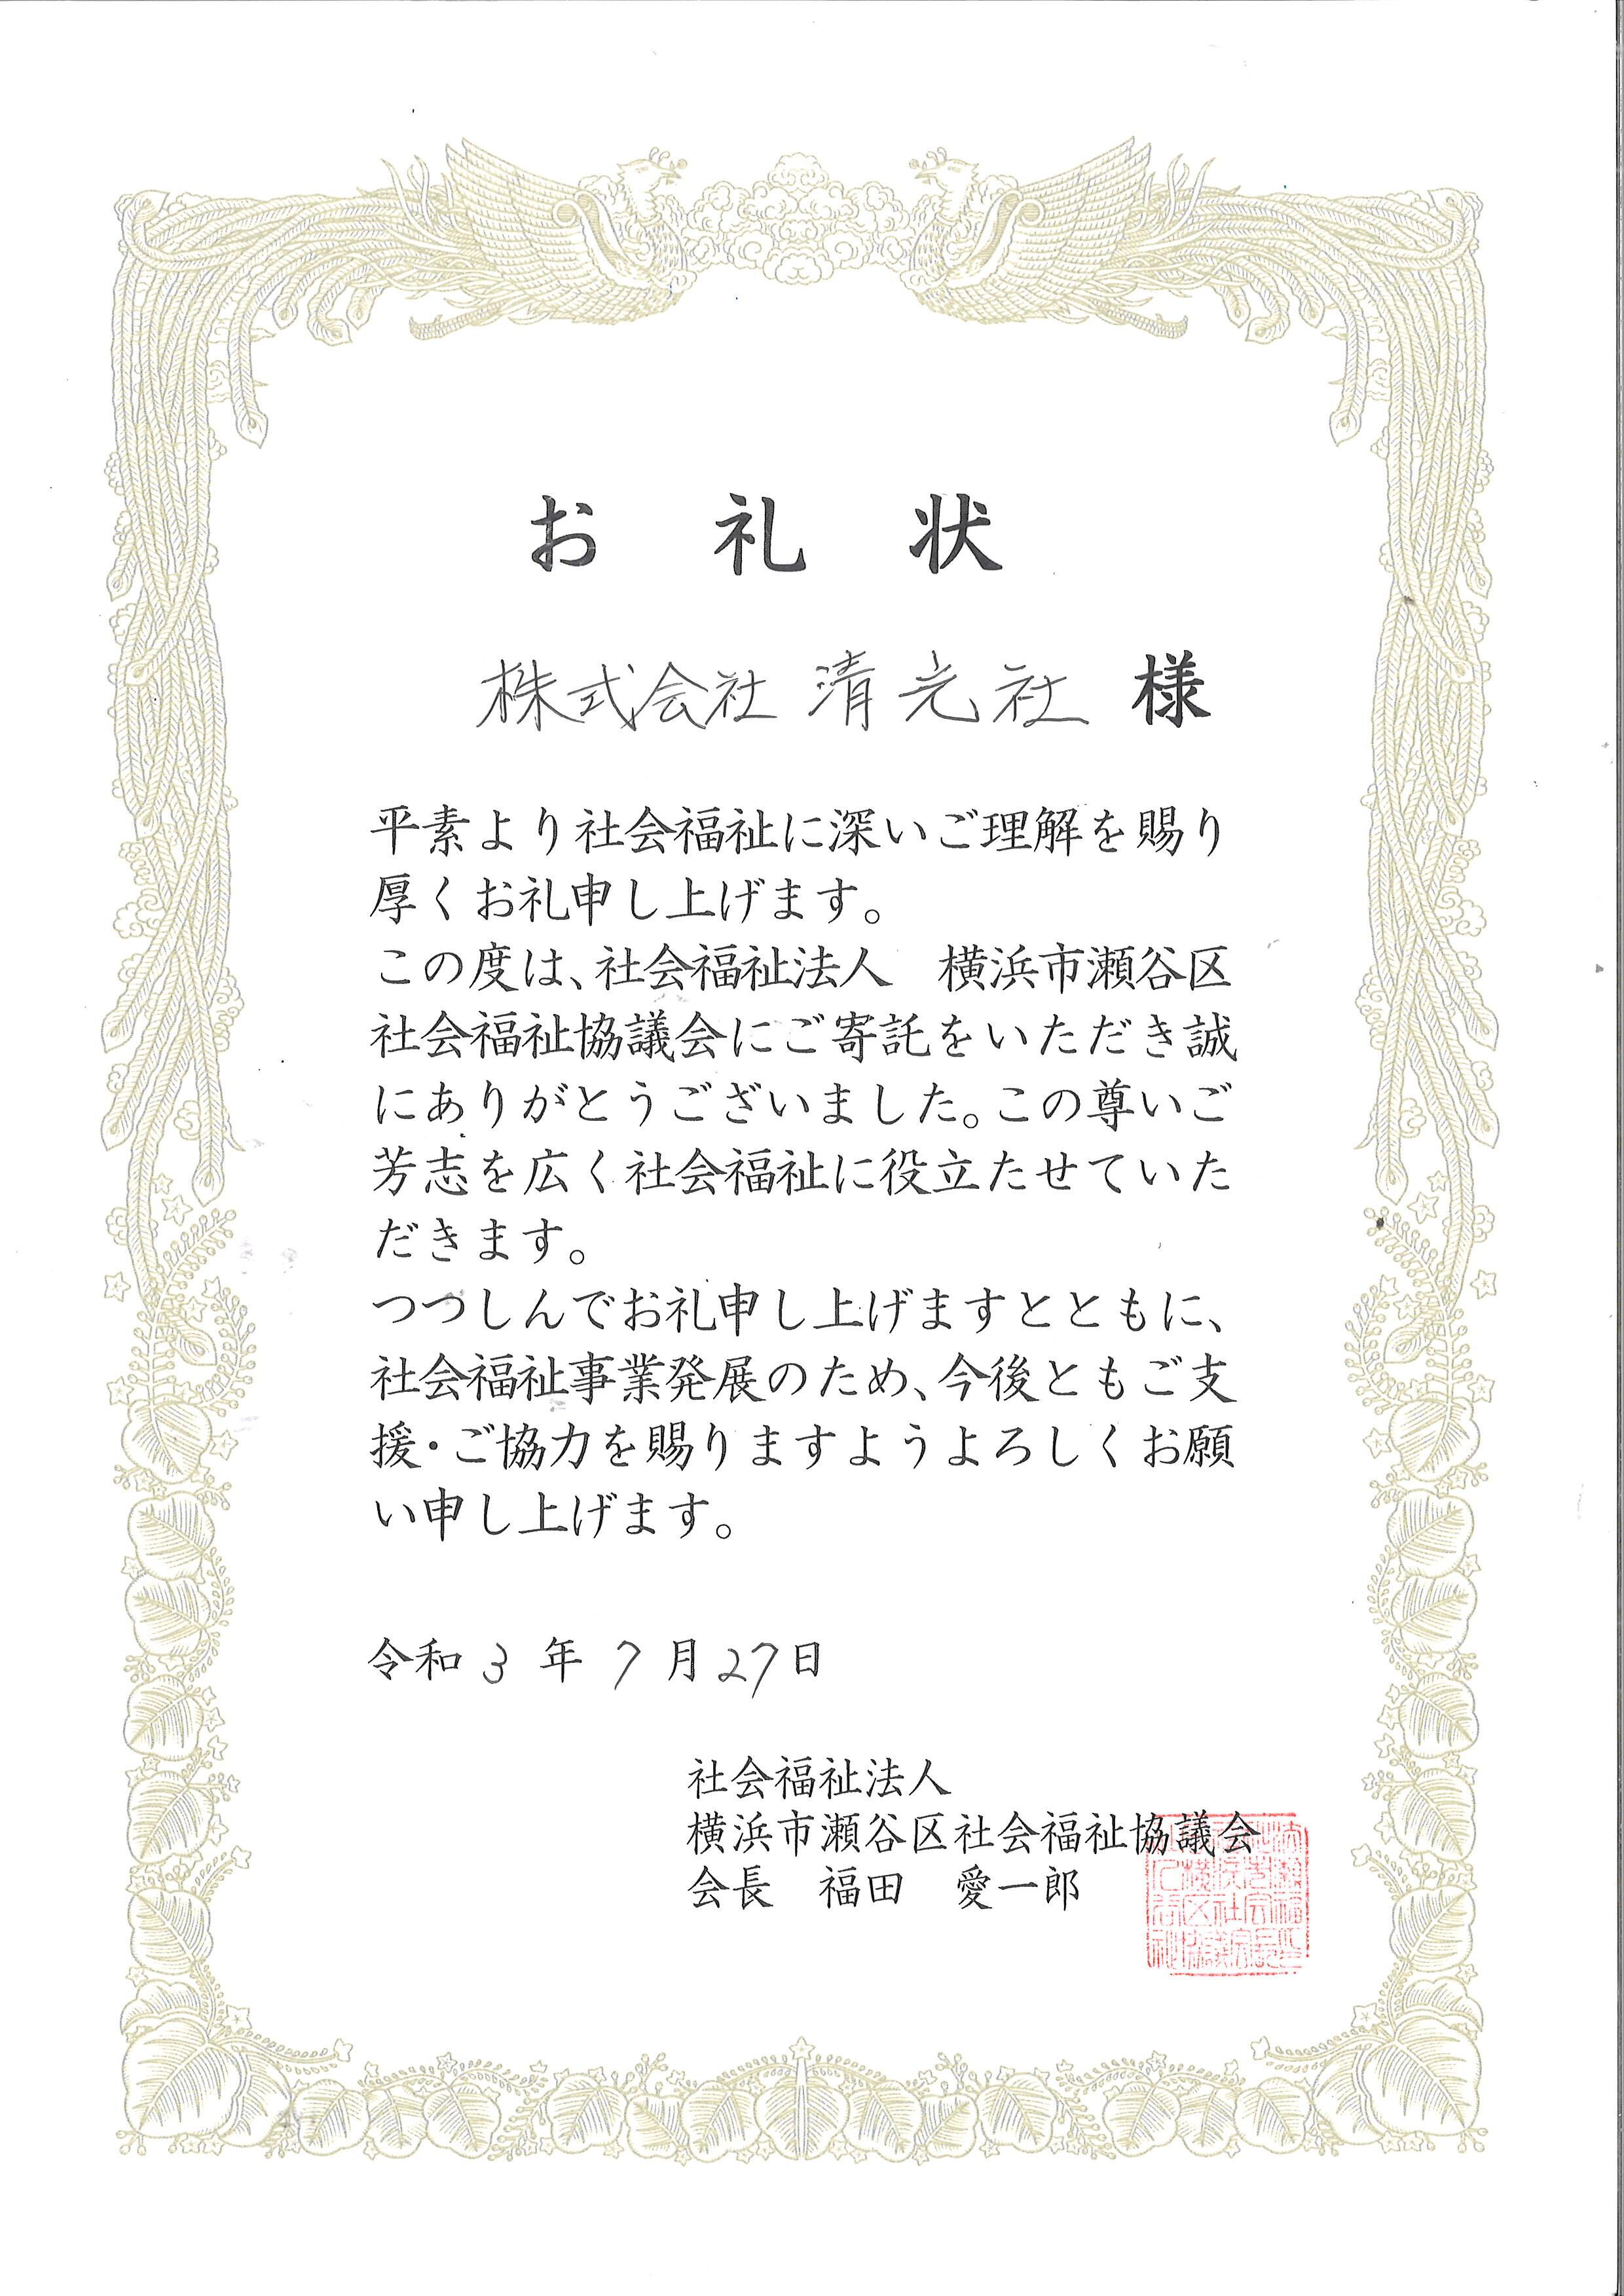 横浜市瀬谷区社会福祉協議会よりお礼状をいただきました